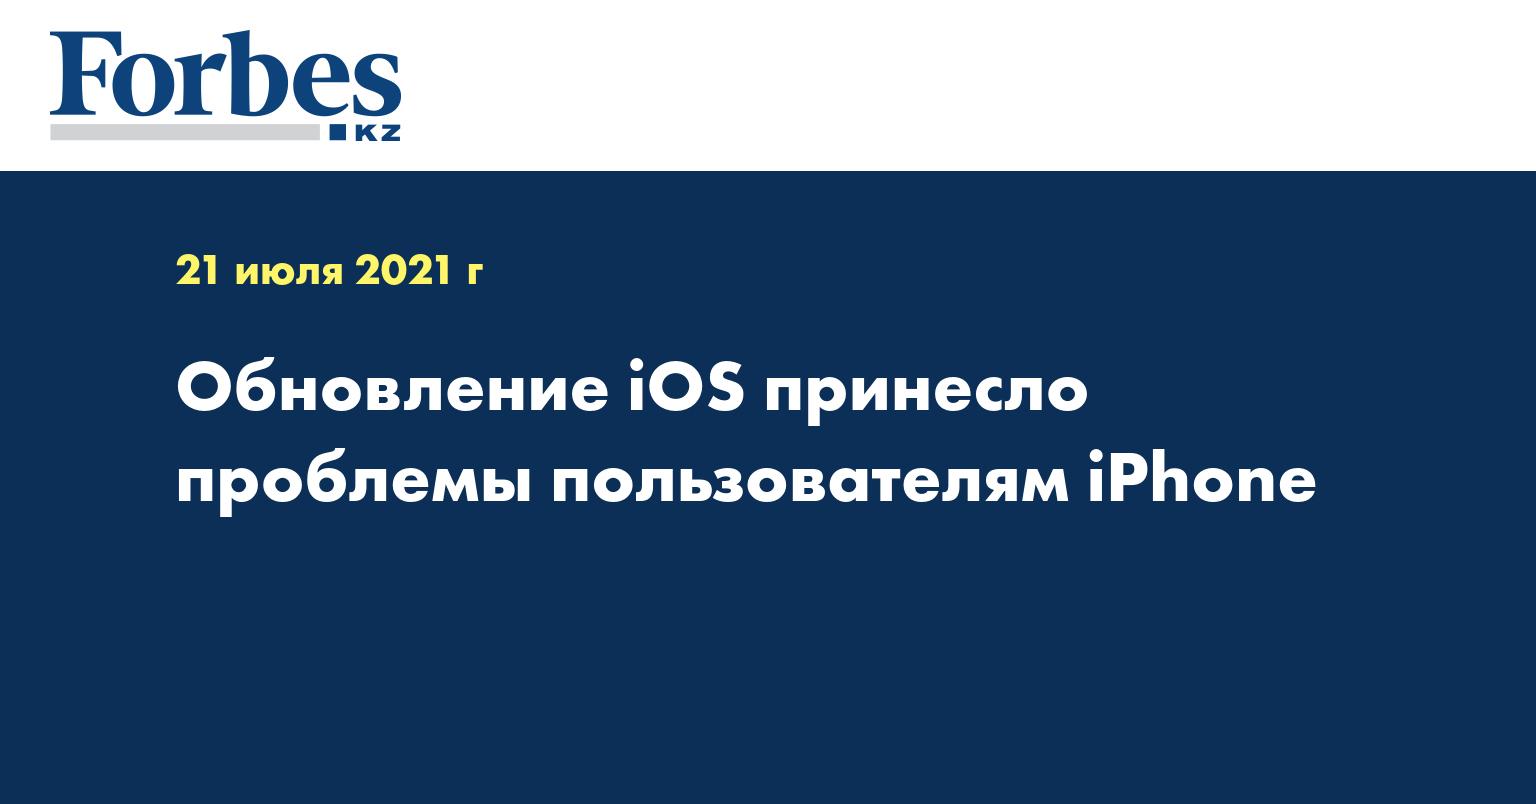 Обновление iOS принесло проблемы пользователям iPhone